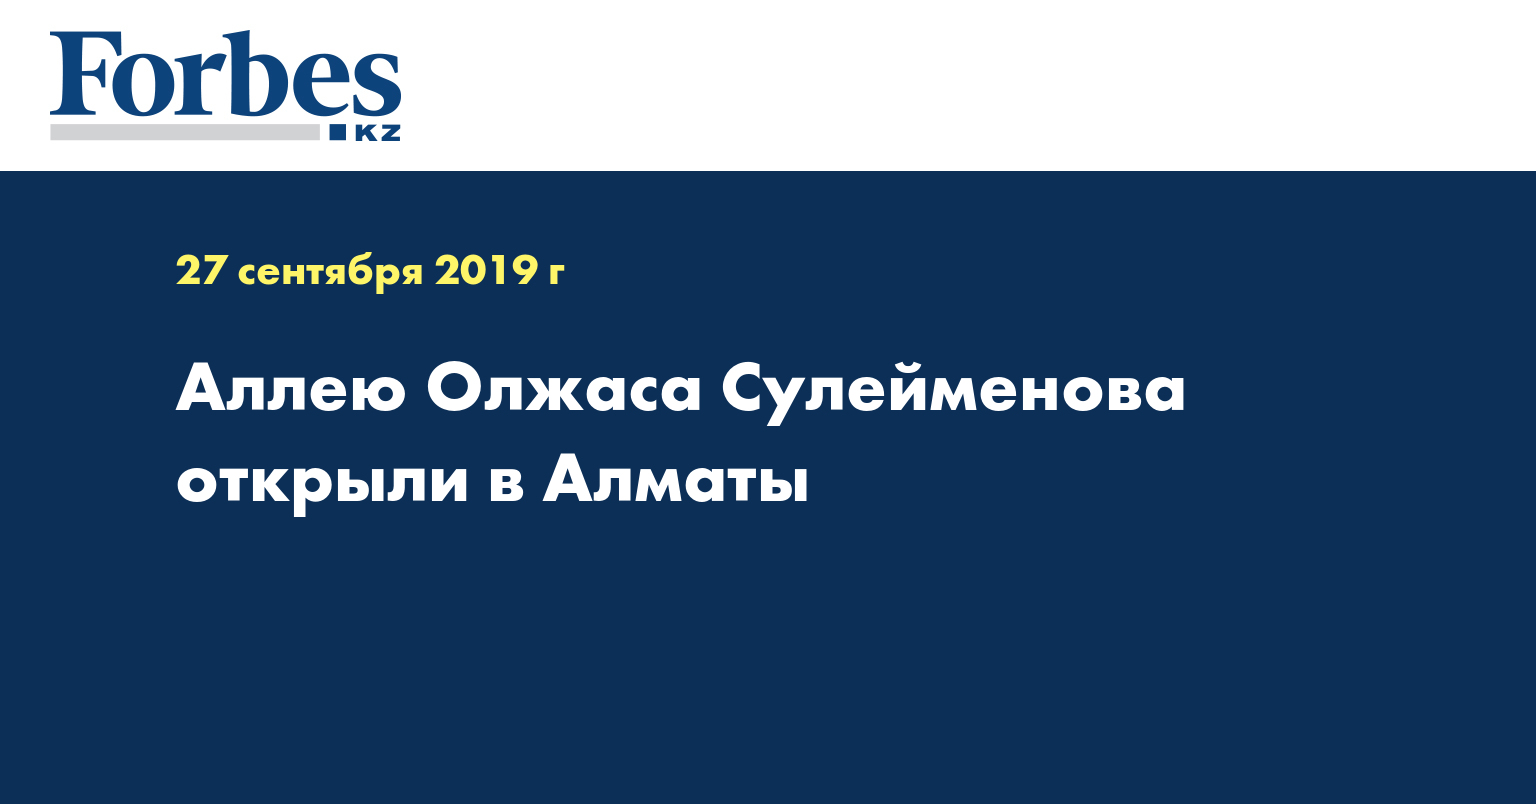 Аллею Олжаса Сулейменова открыли в Алматы